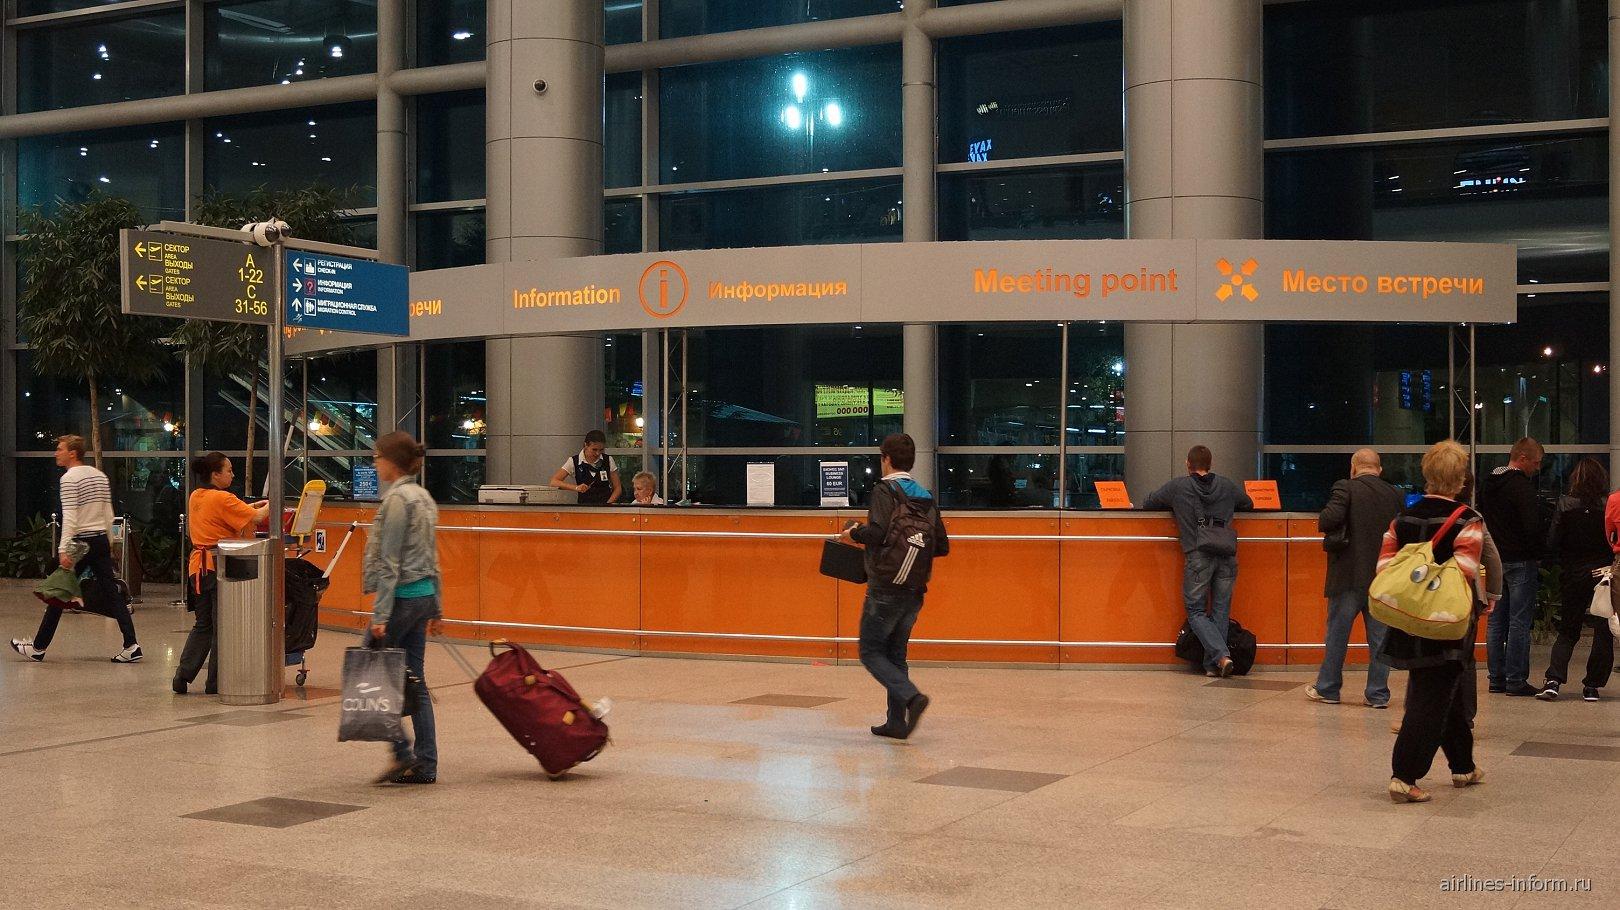 Информационная стойка в аэропорту Москва Домодедово